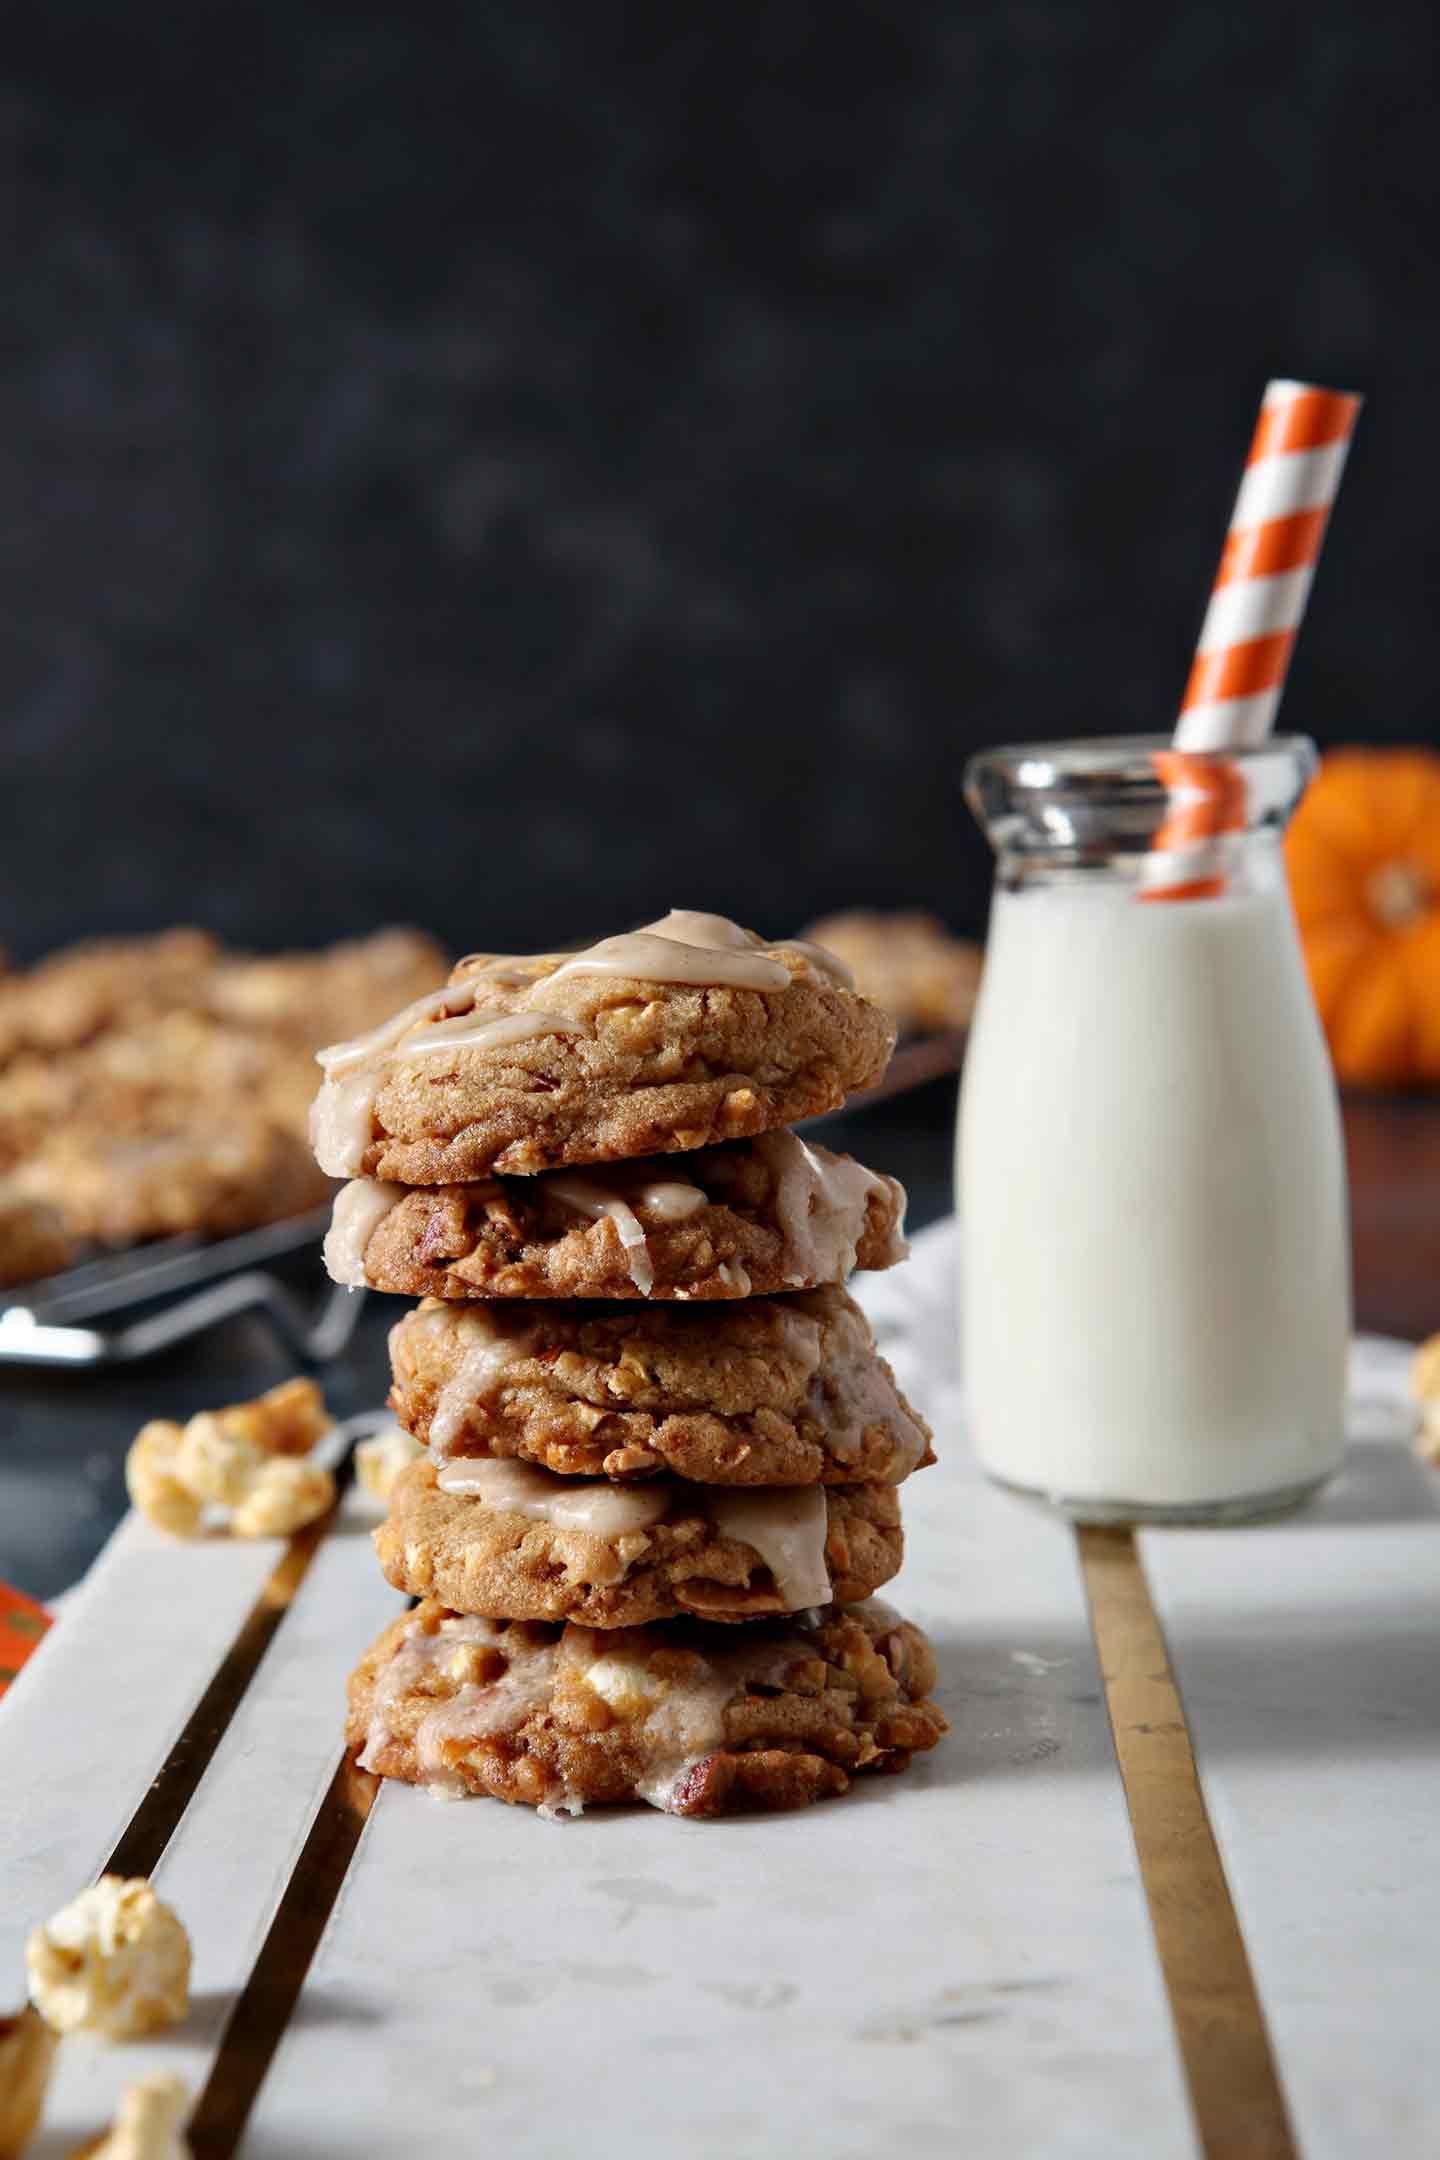 Caramel Corn Dessert | Fall Dessert | Fall Cookies | Salty-Sweet Cookies | Salty-Sweet Dessert | Easy Dessert Recipe | Tailgate Dessert | Tailgate Cookies | Halloween Cookies | Halloween Dessert